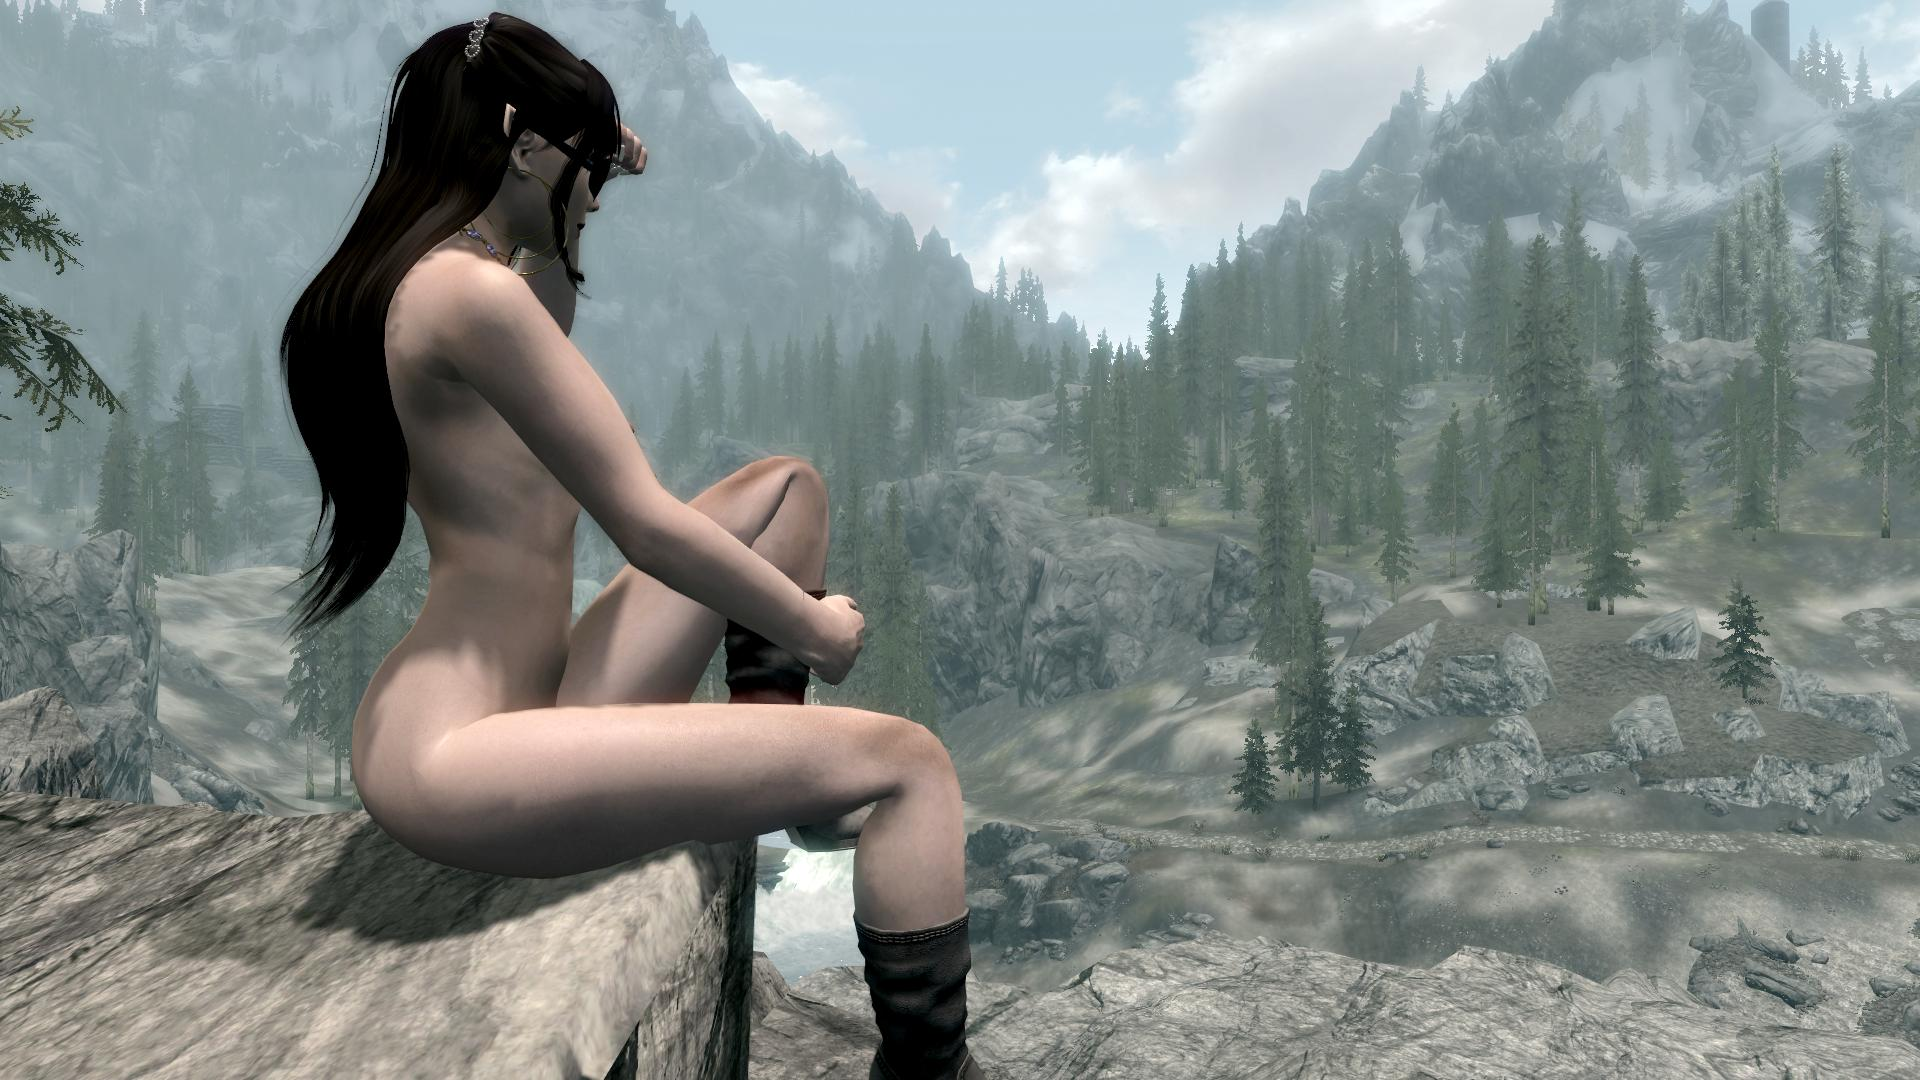 Красоты в играх - Изображение 1